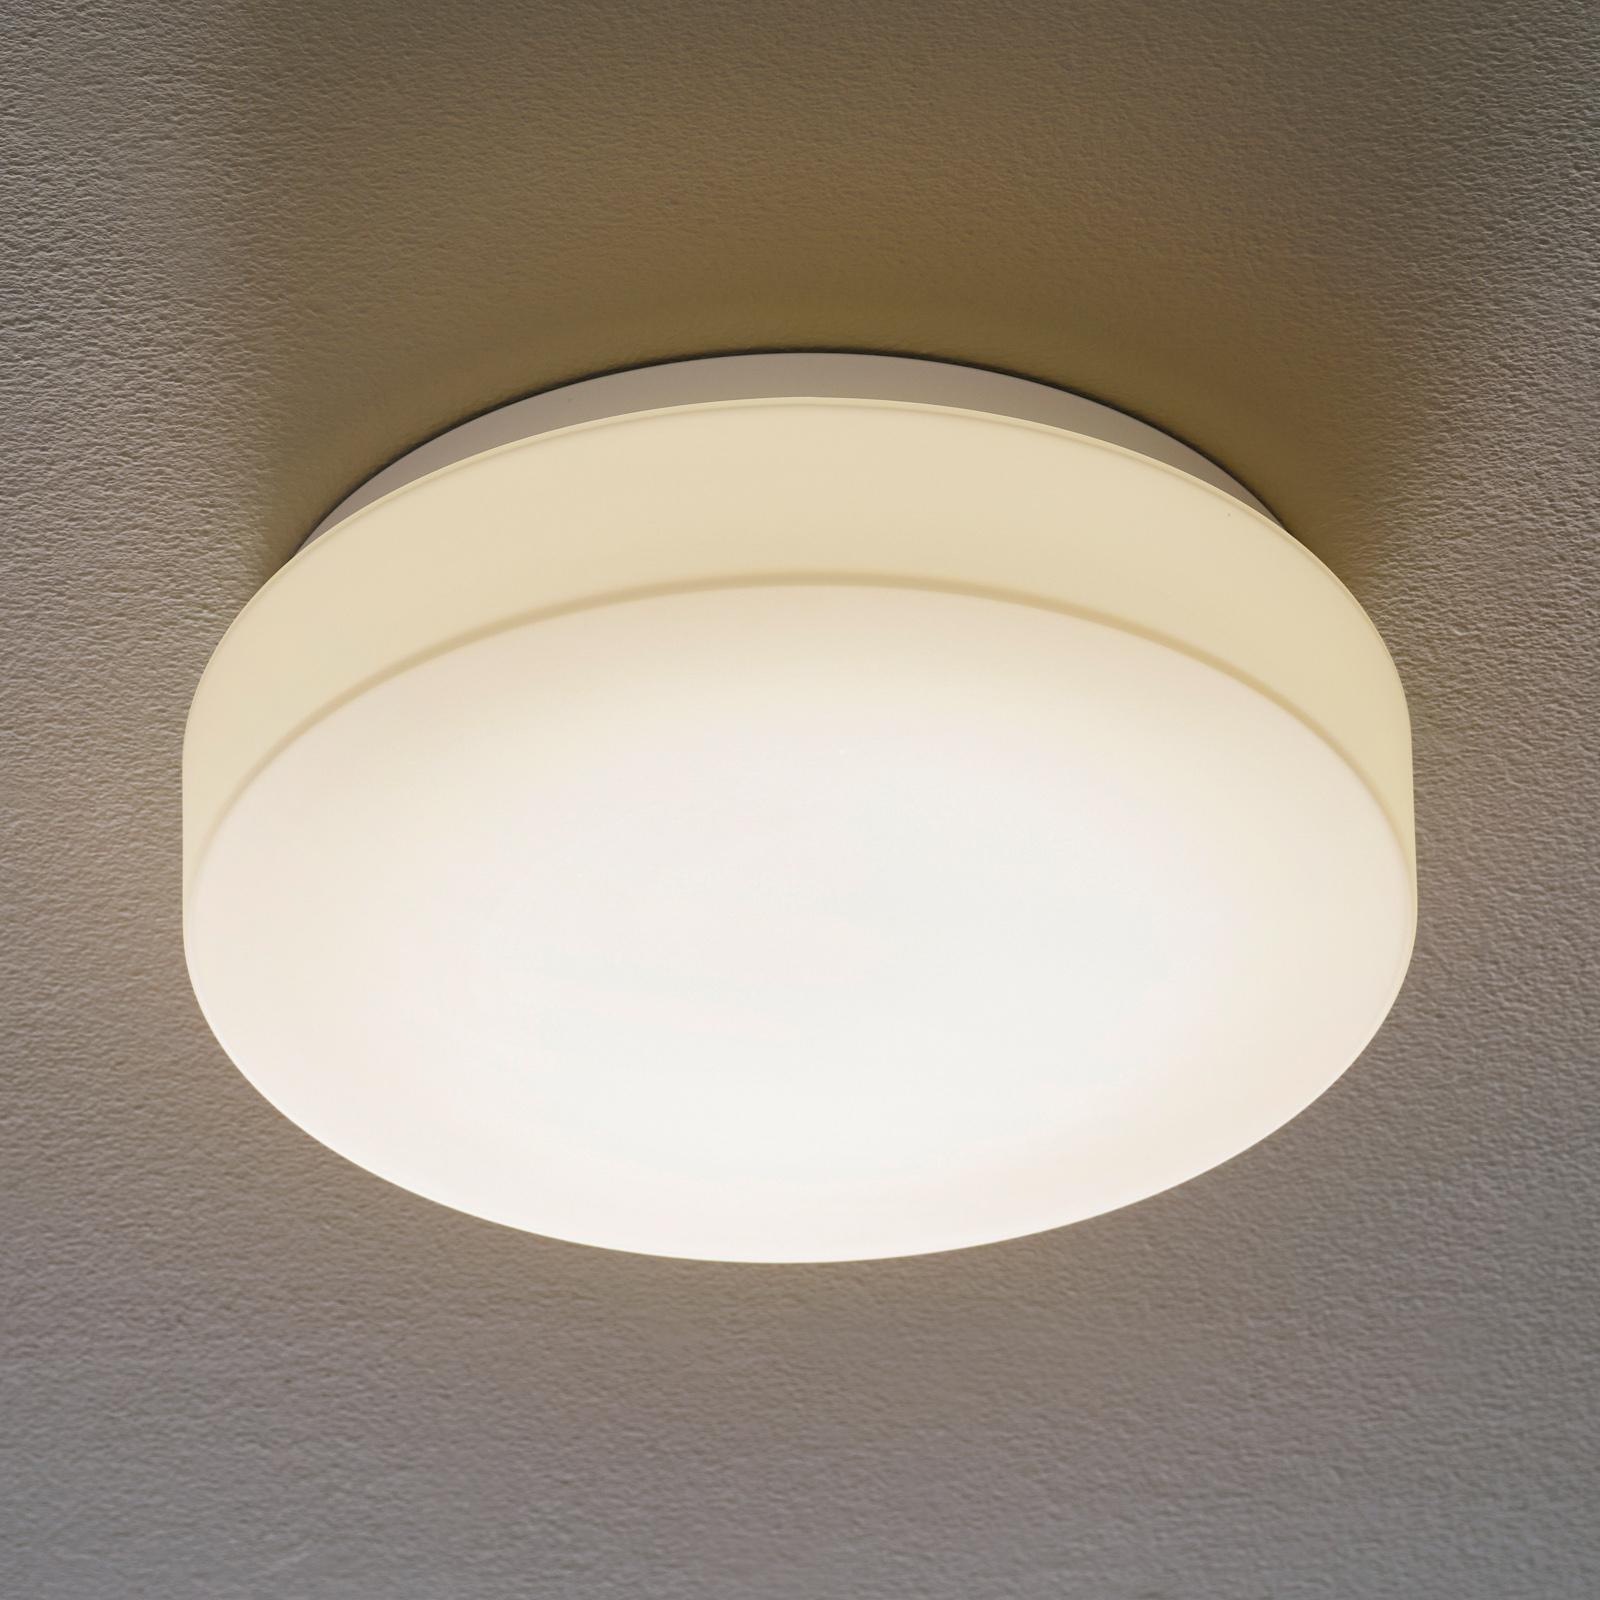 BEGA 50079 LED-taklampe DALI 3000K Ø34cm